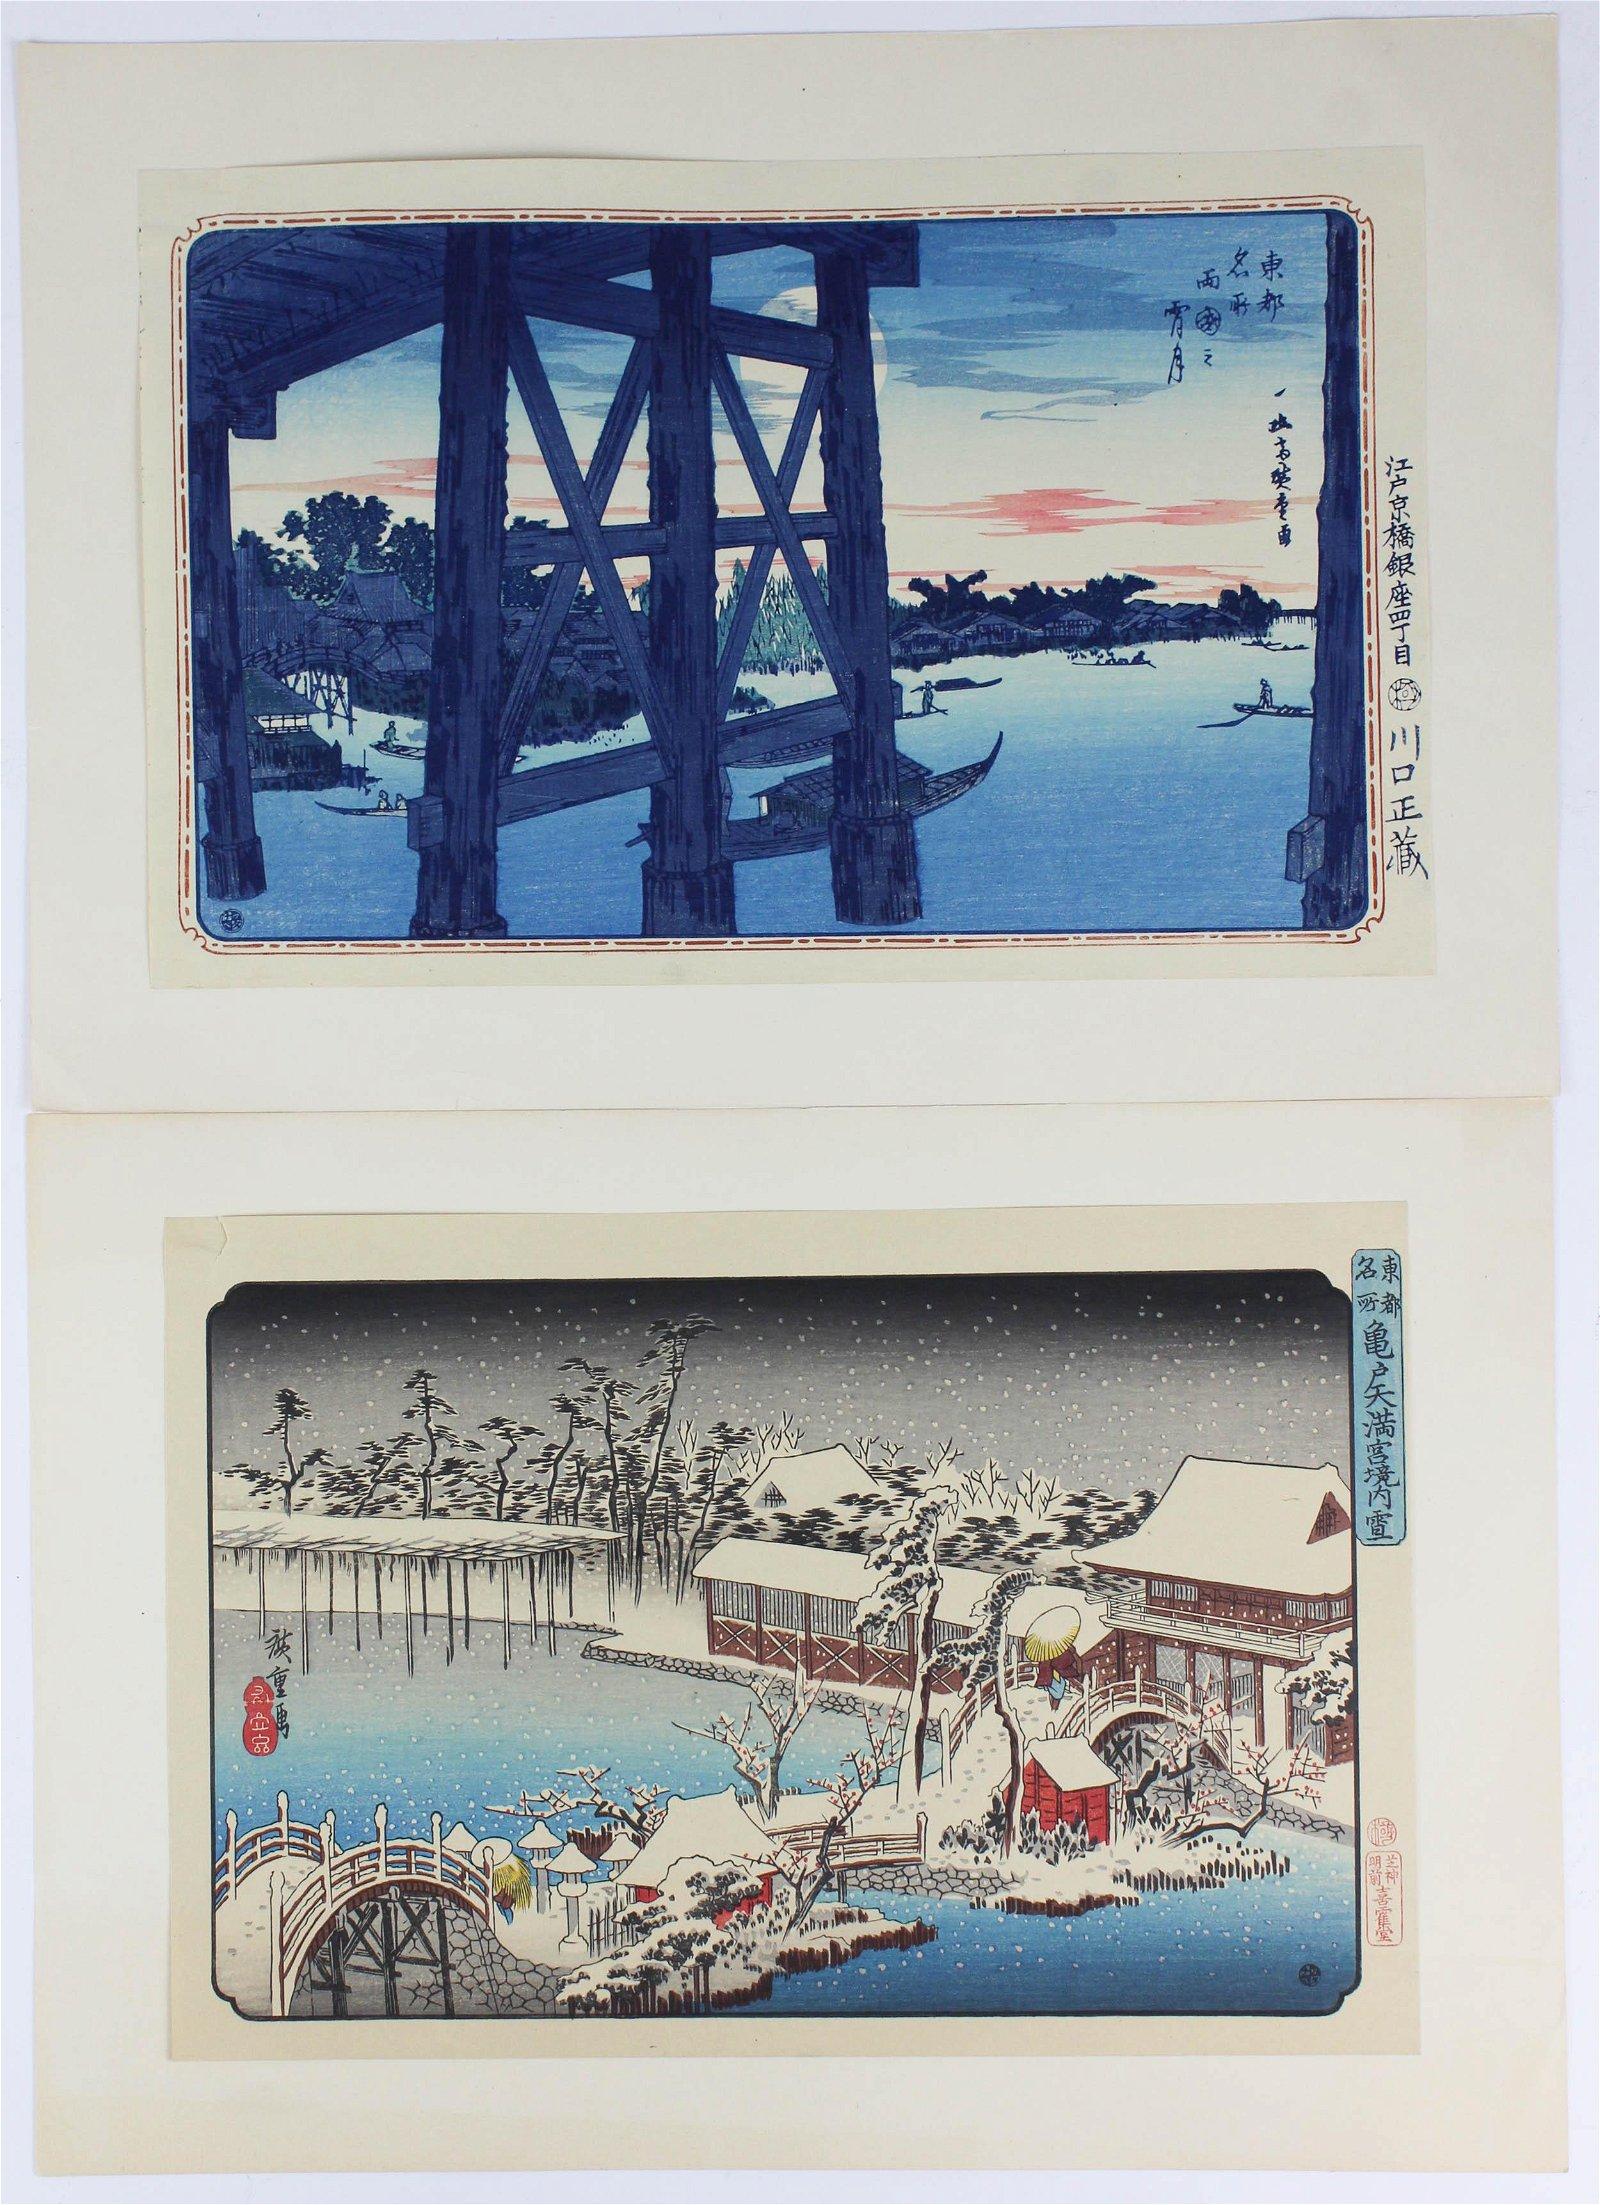 Watanabe Japanese woodblock prints